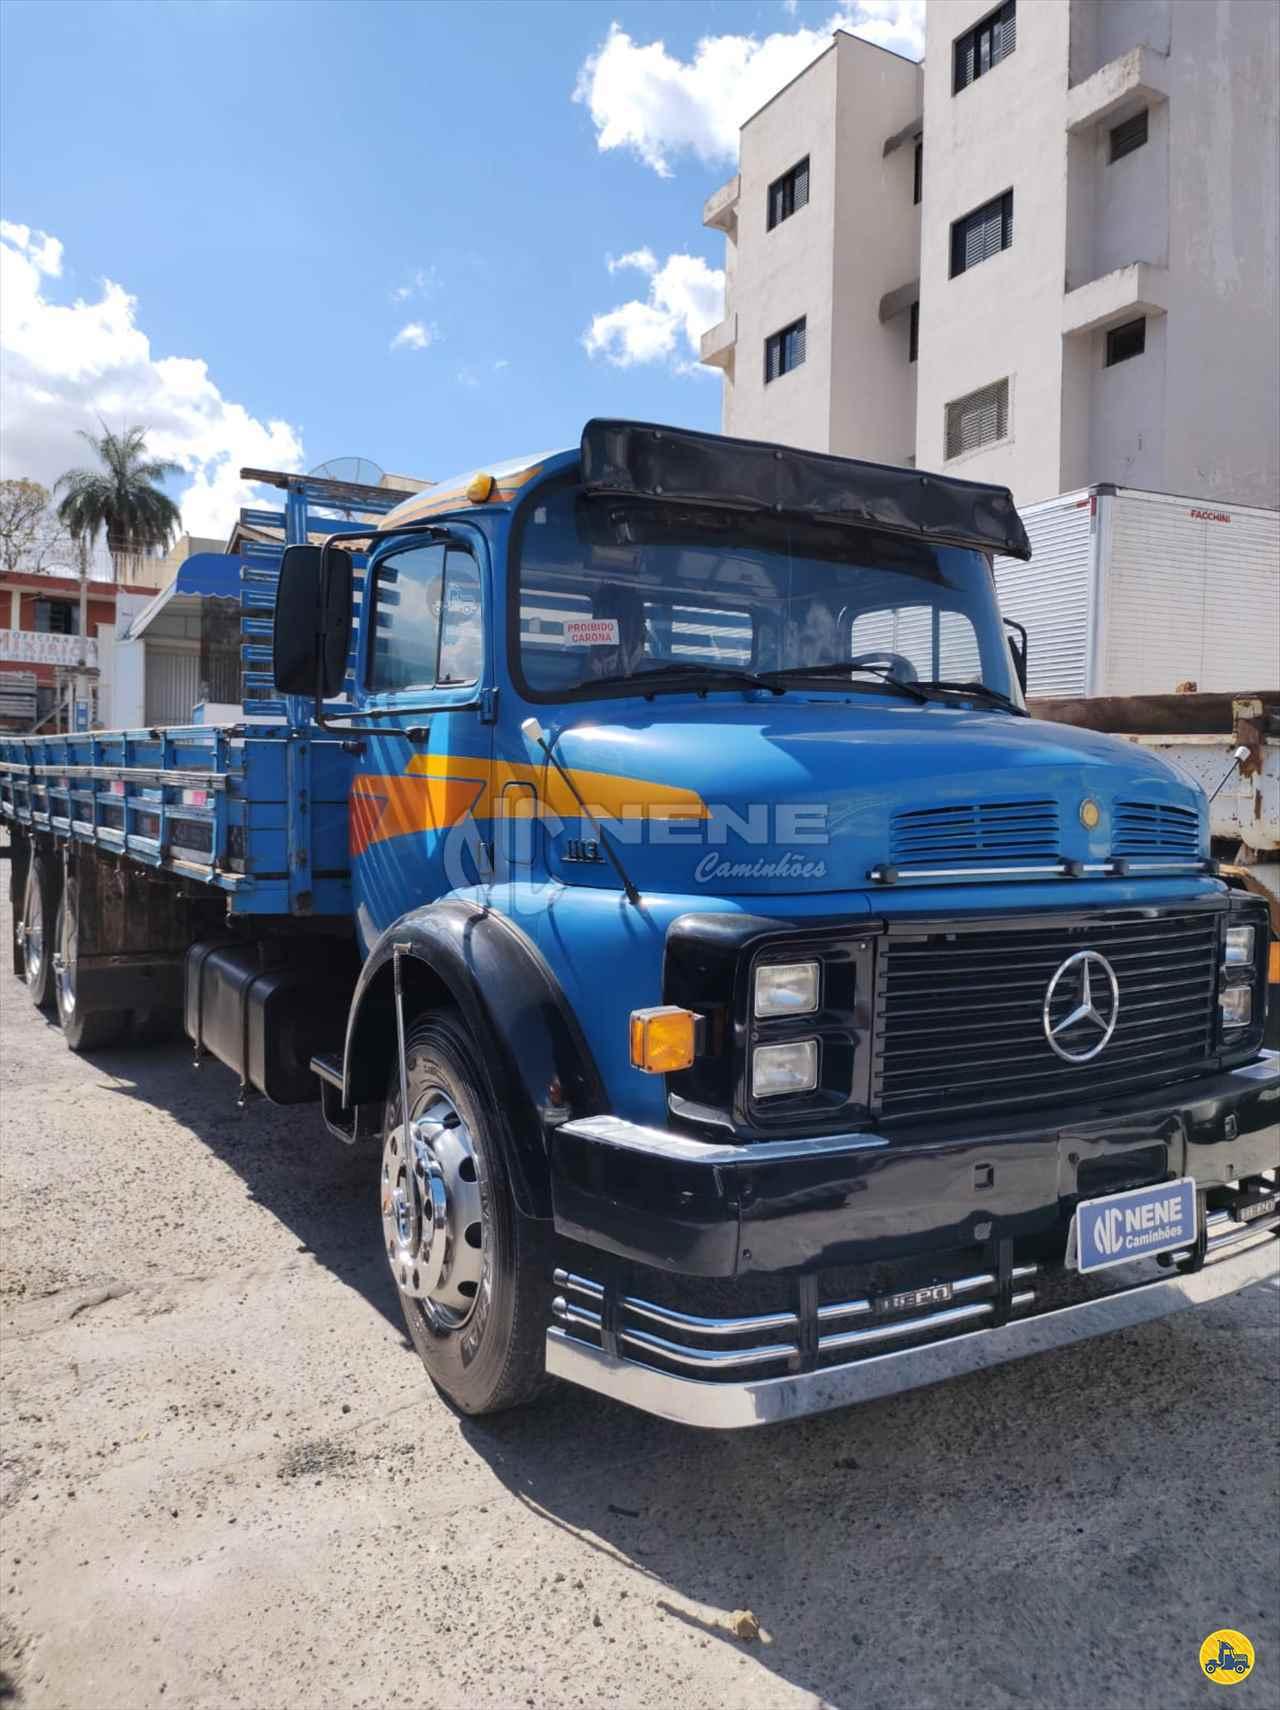 MB 1113 de Nene Caminhões - SAO JOAO DA BOA VISTA/SP